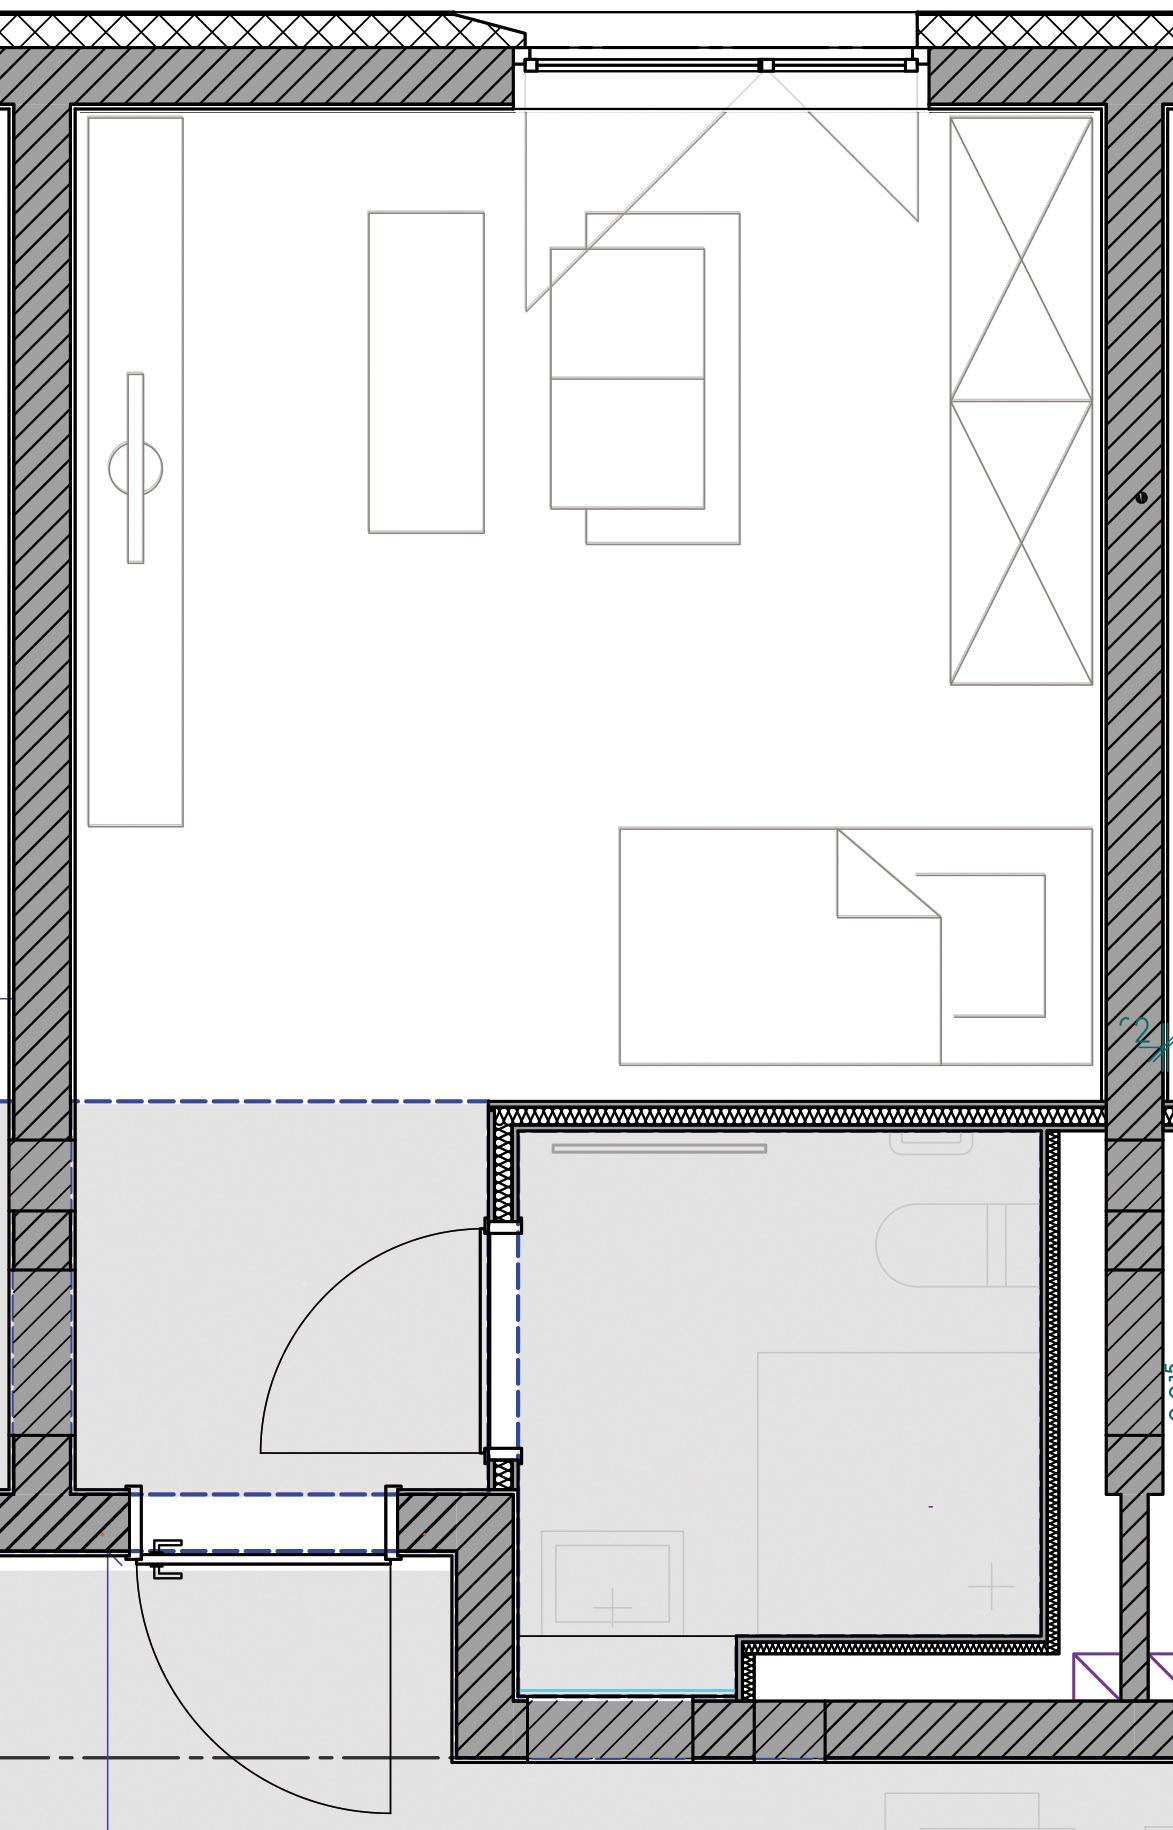 Beispielgrundriss eines WG-Apartments